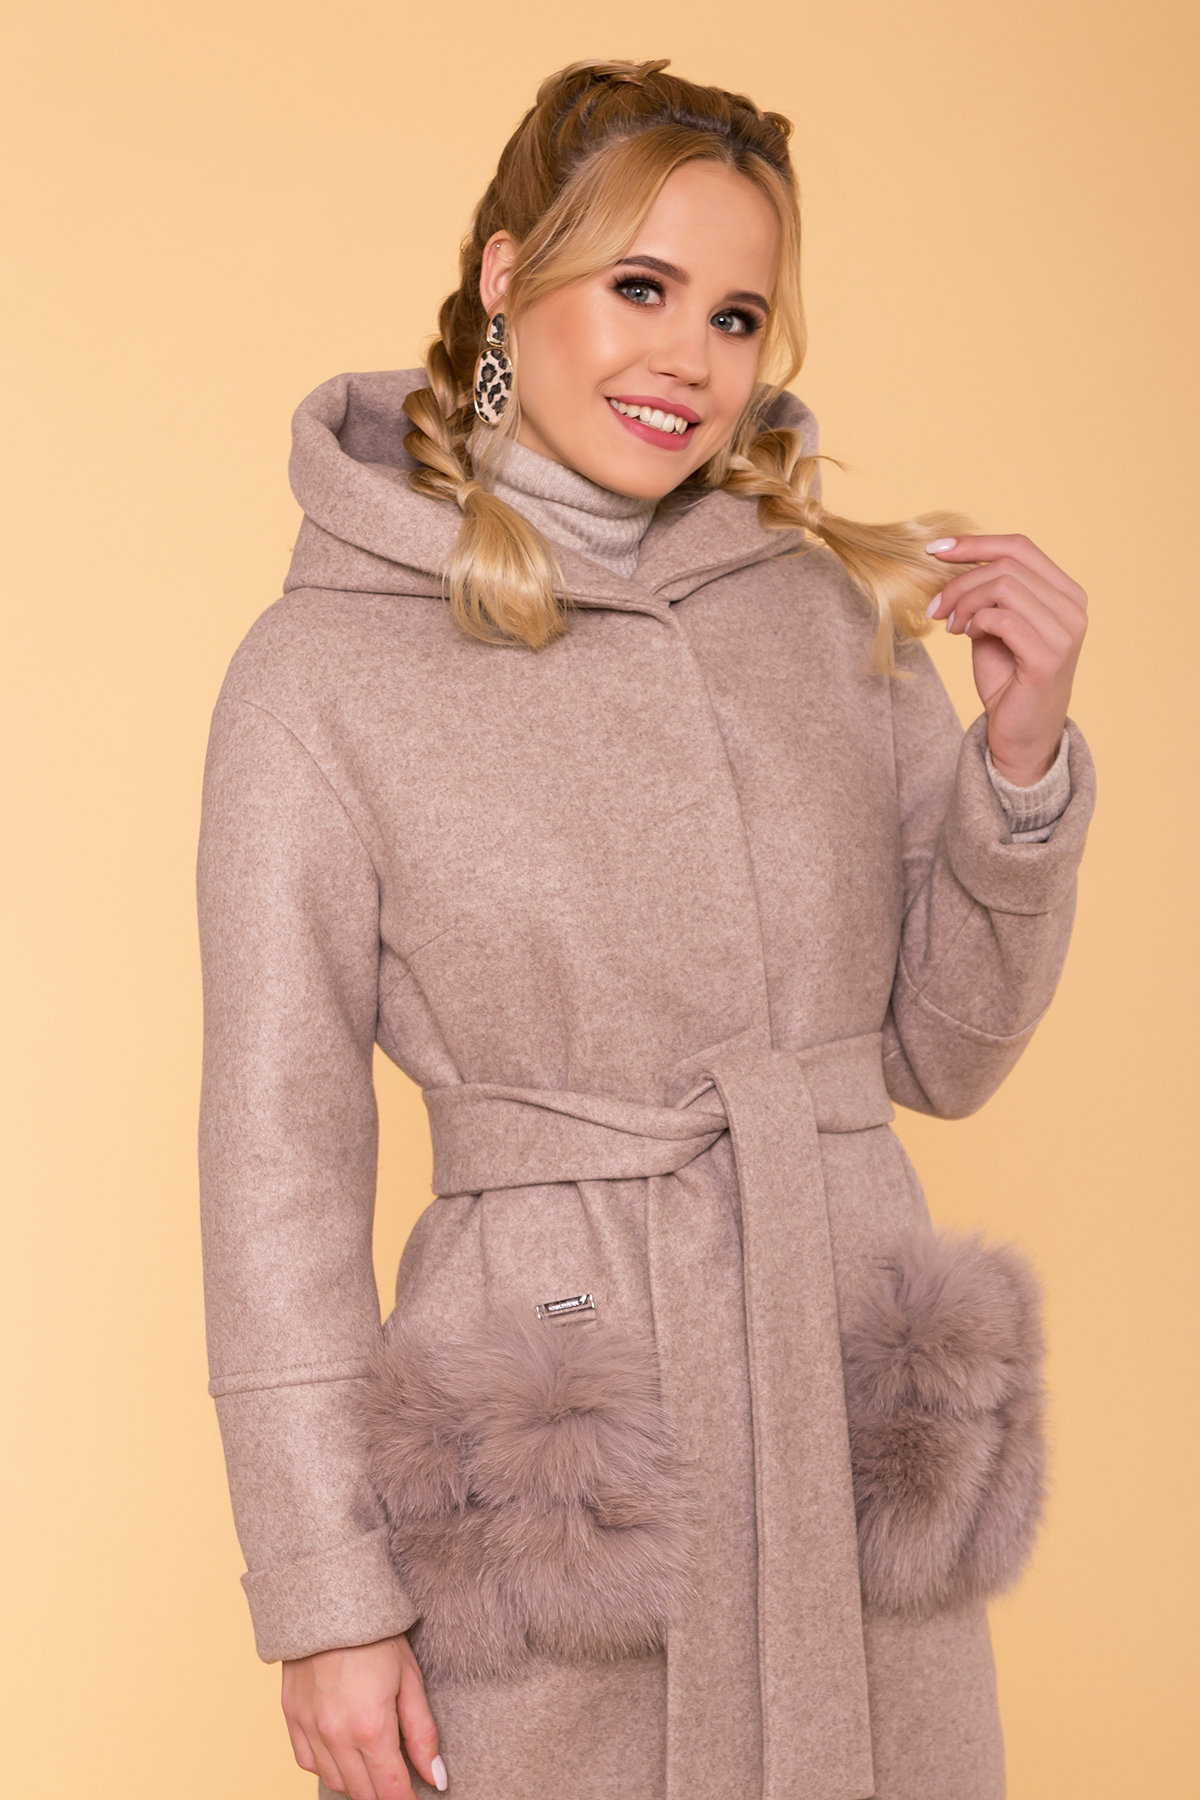 Пальто зима Анита 5752 АРТ. 40712 Цвет: Бежевый 28/1 - фото 5, интернет магазин tm-modus.ru